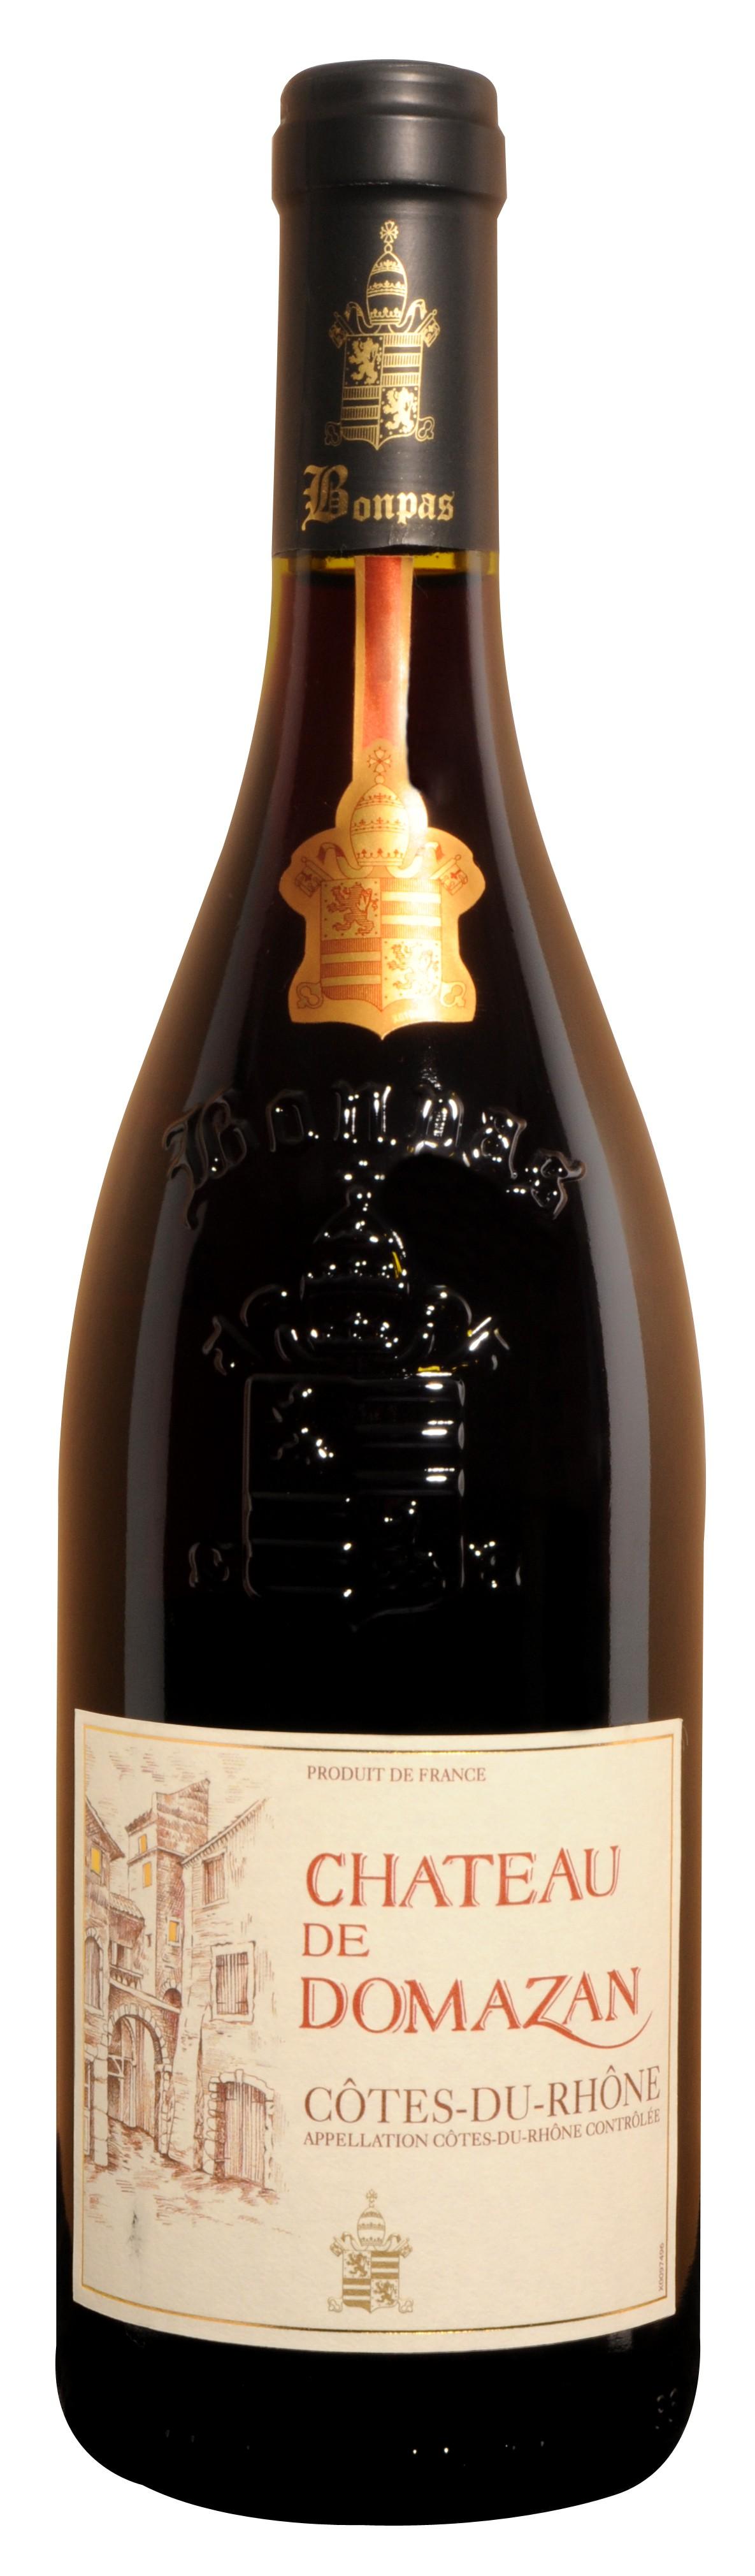 bouteille de vin cote du rhone ch teau domazon aoc. Black Bedroom Furniture Sets. Home Design Ideas